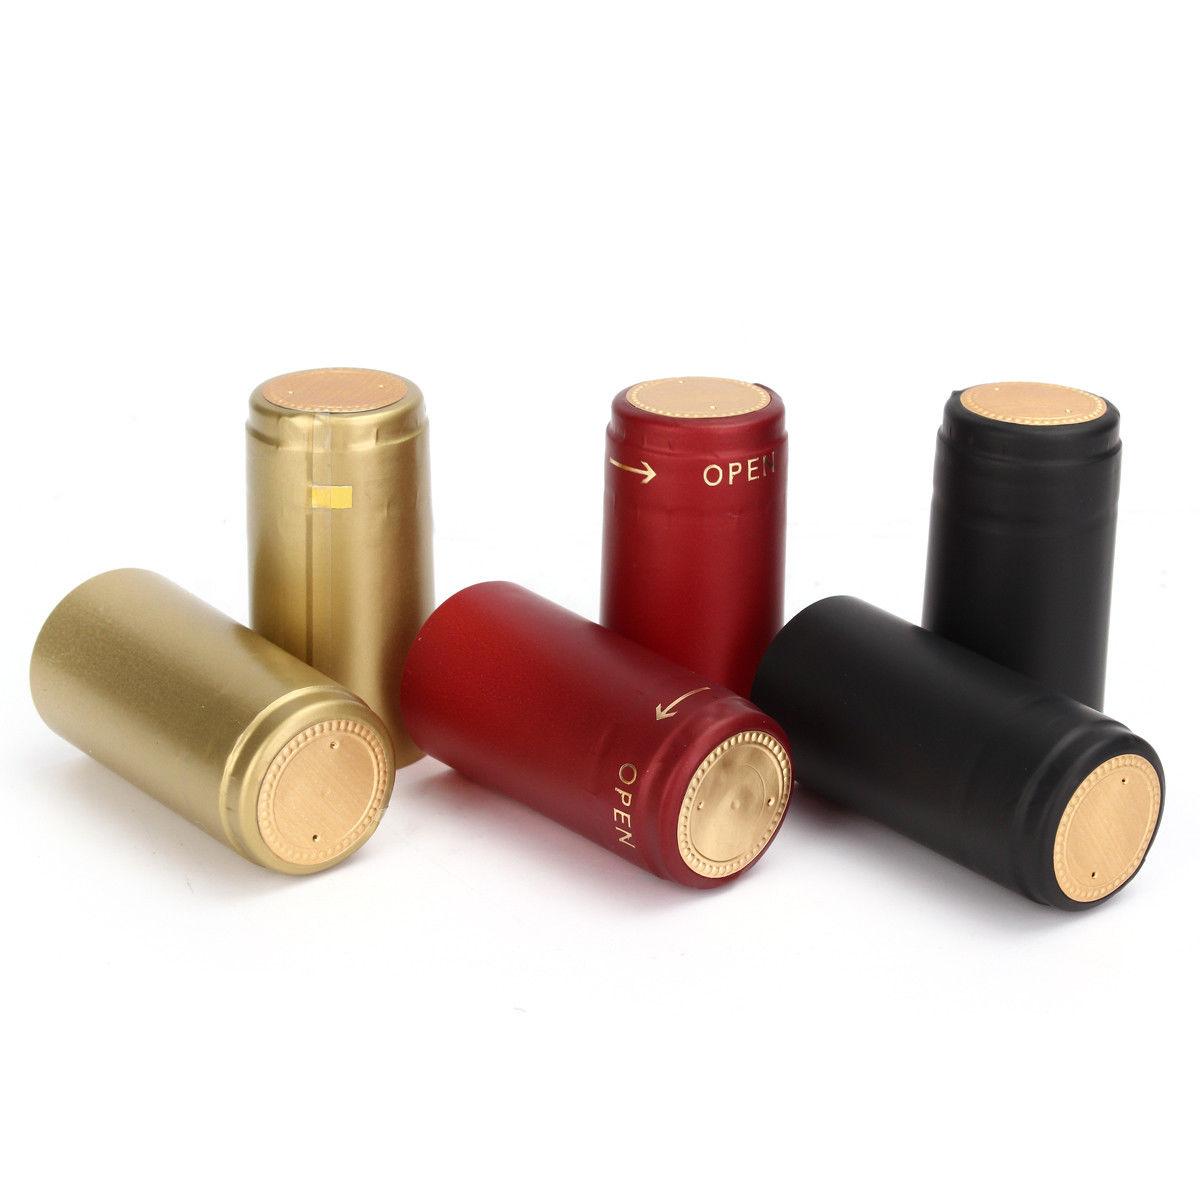 6 14 100 Pcs Pvc Tear Tape Wine Bottle Heat Shrink Cap Sealing Cover Home Brew Ebay Home Garden Bottle Wine Home Brewing